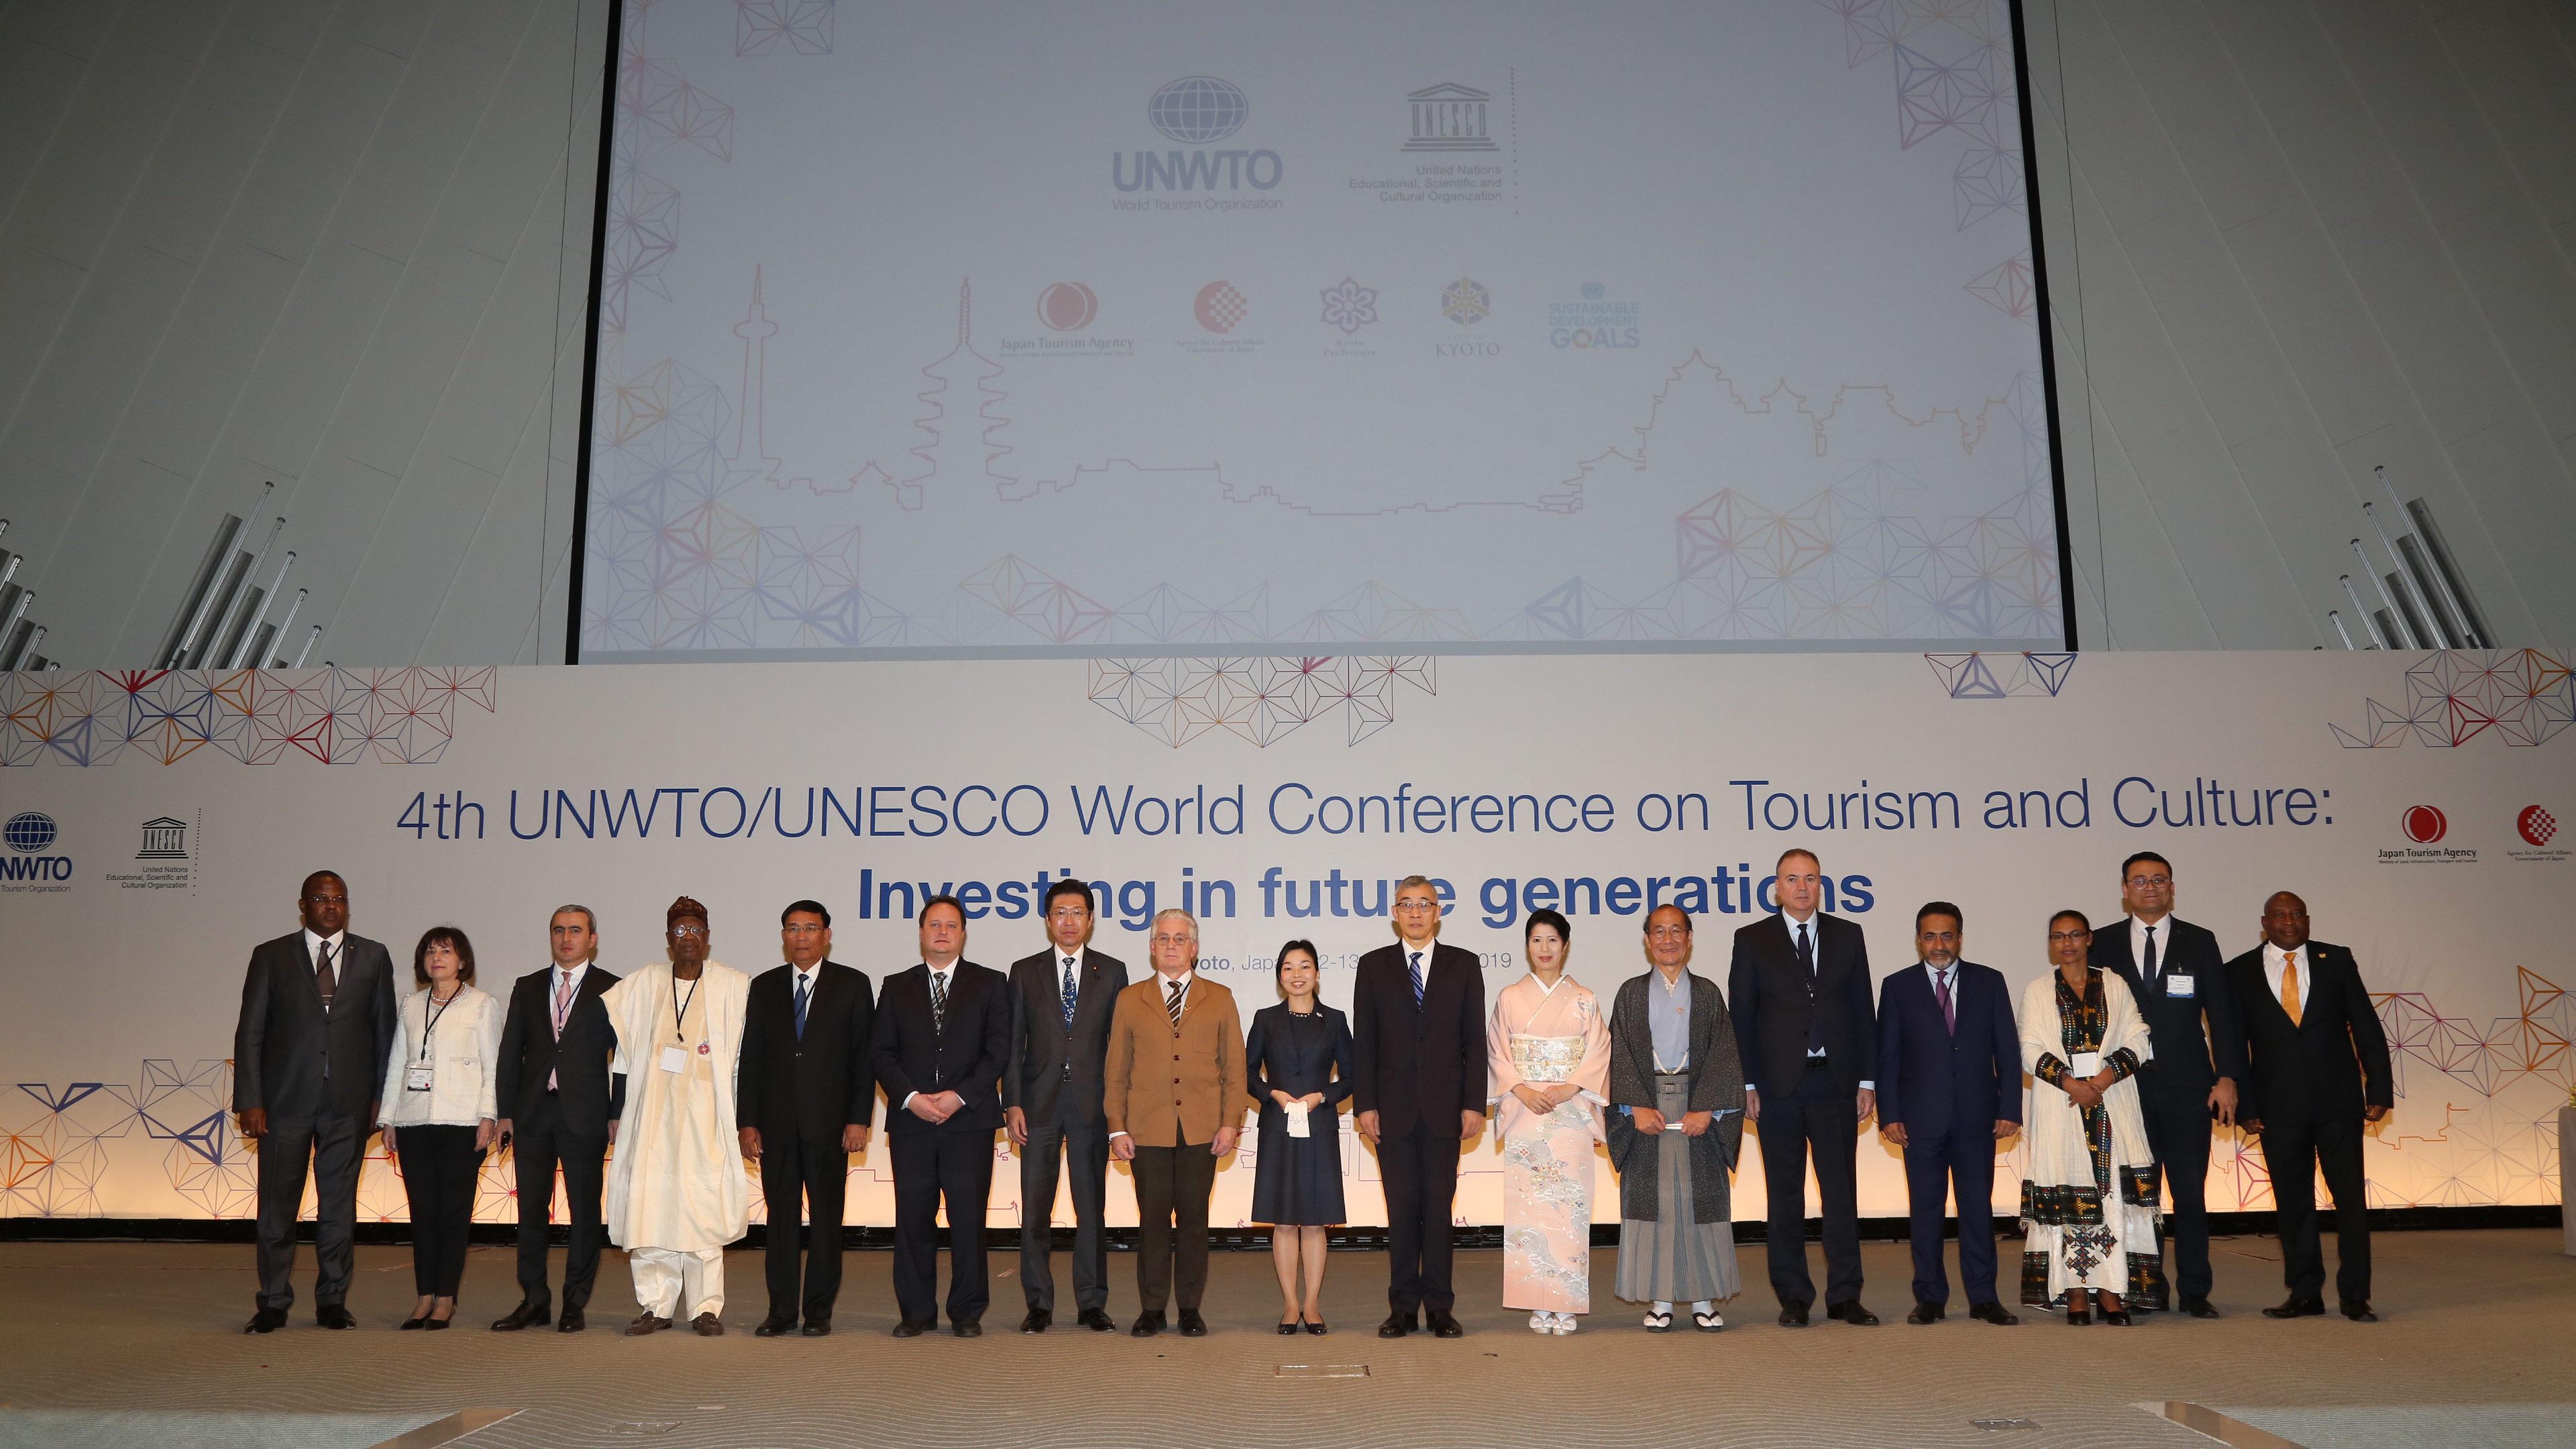 Quatrième Conférence mondiale de l'OMT et de l'UNESCO sur le tourisme et la culture : investir dans les générations futures